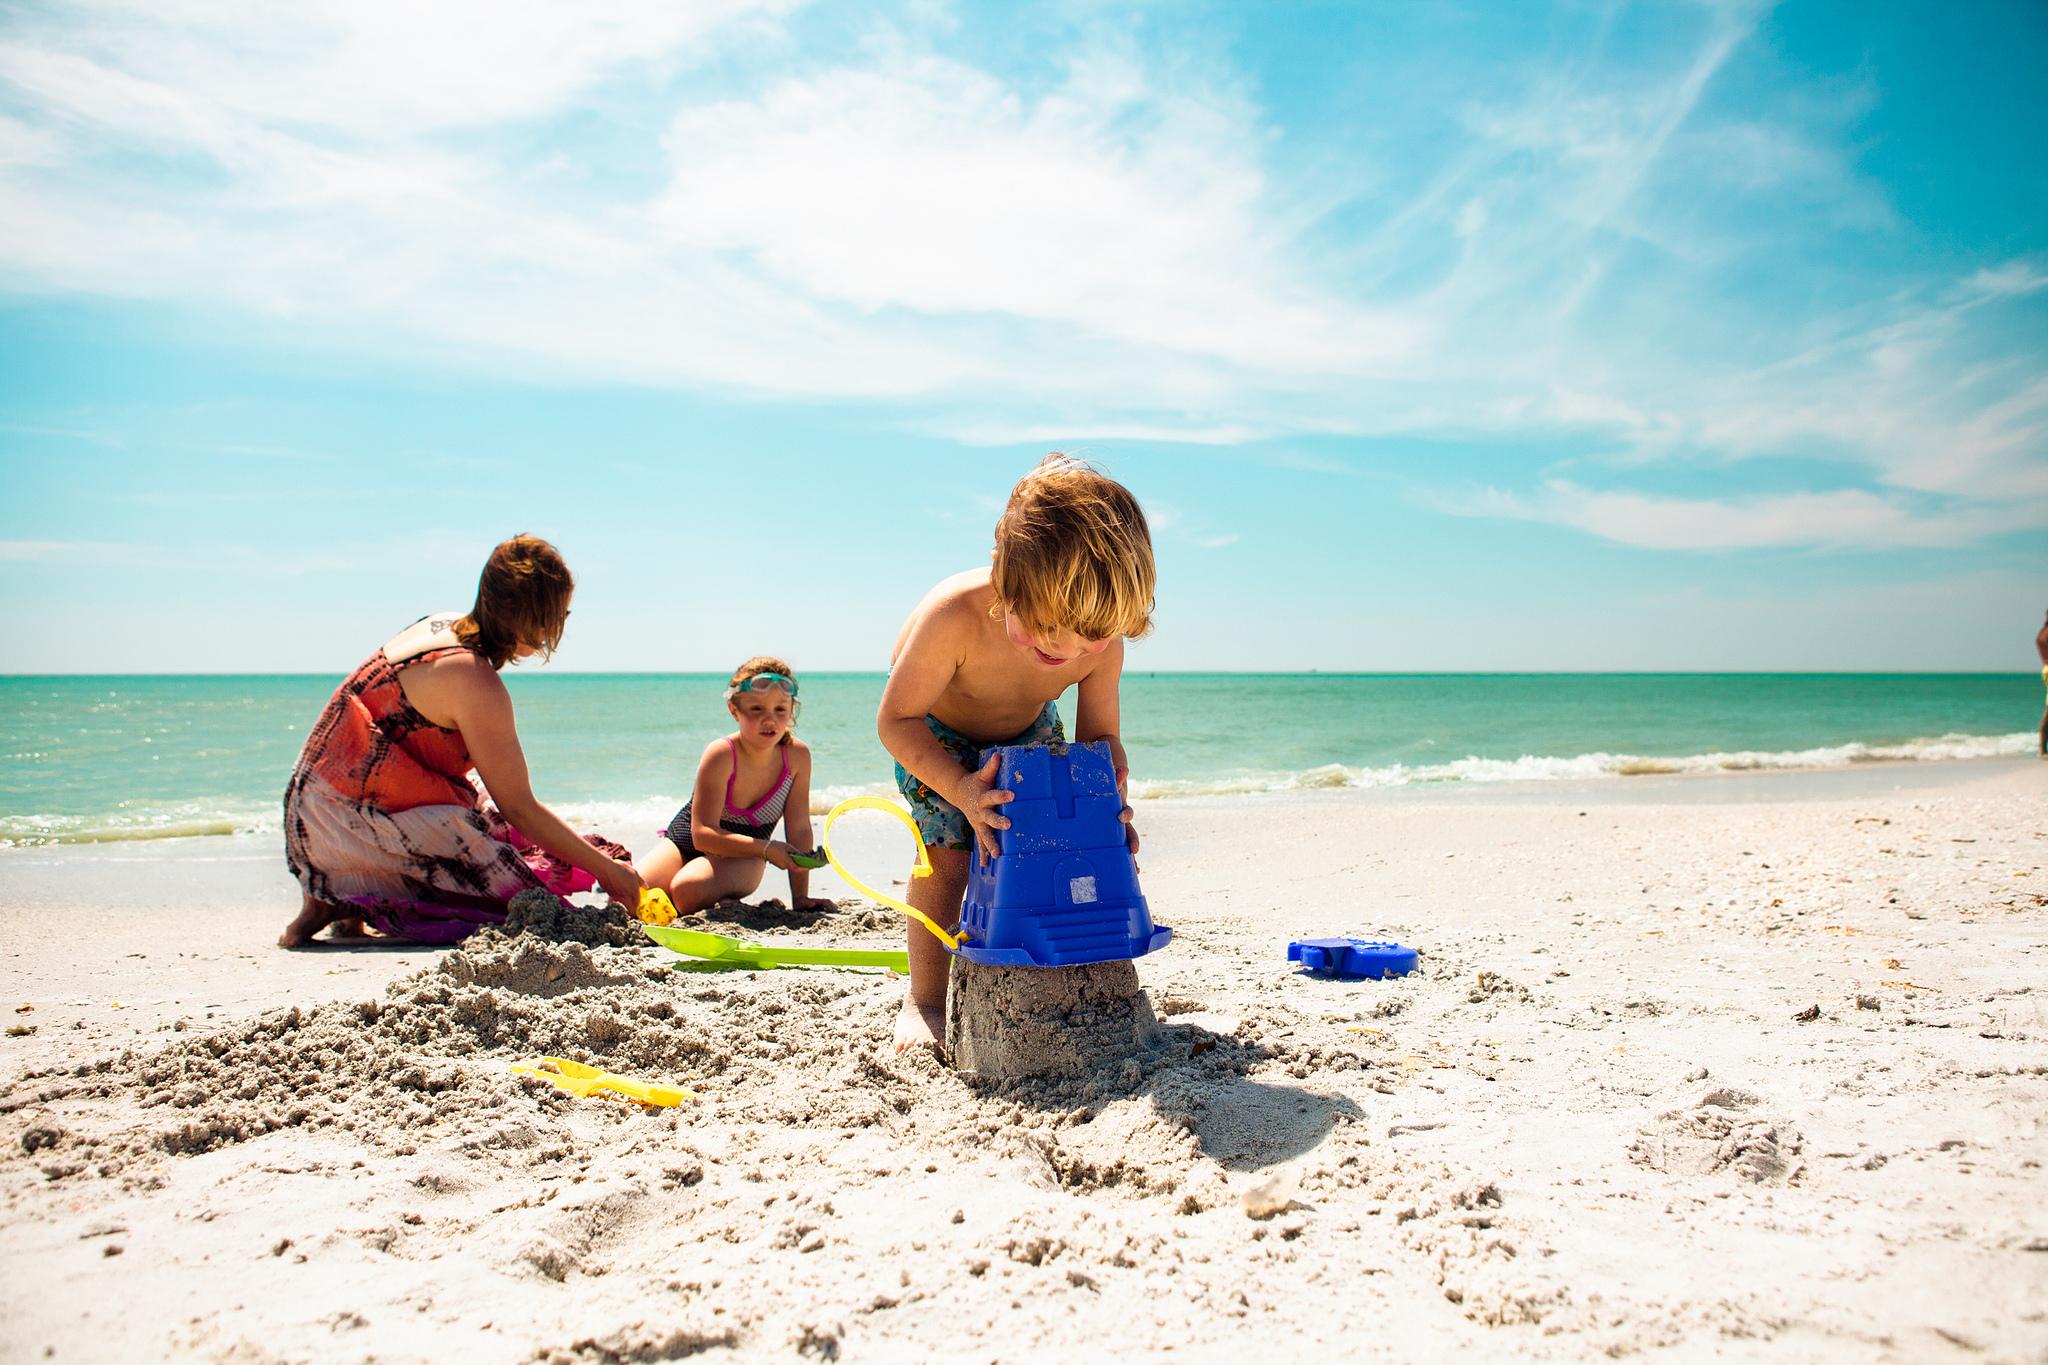 Что взять на море ☀ с ребенком, какие лекарства, еду, брать на отдых ☀ если собираетесь на море